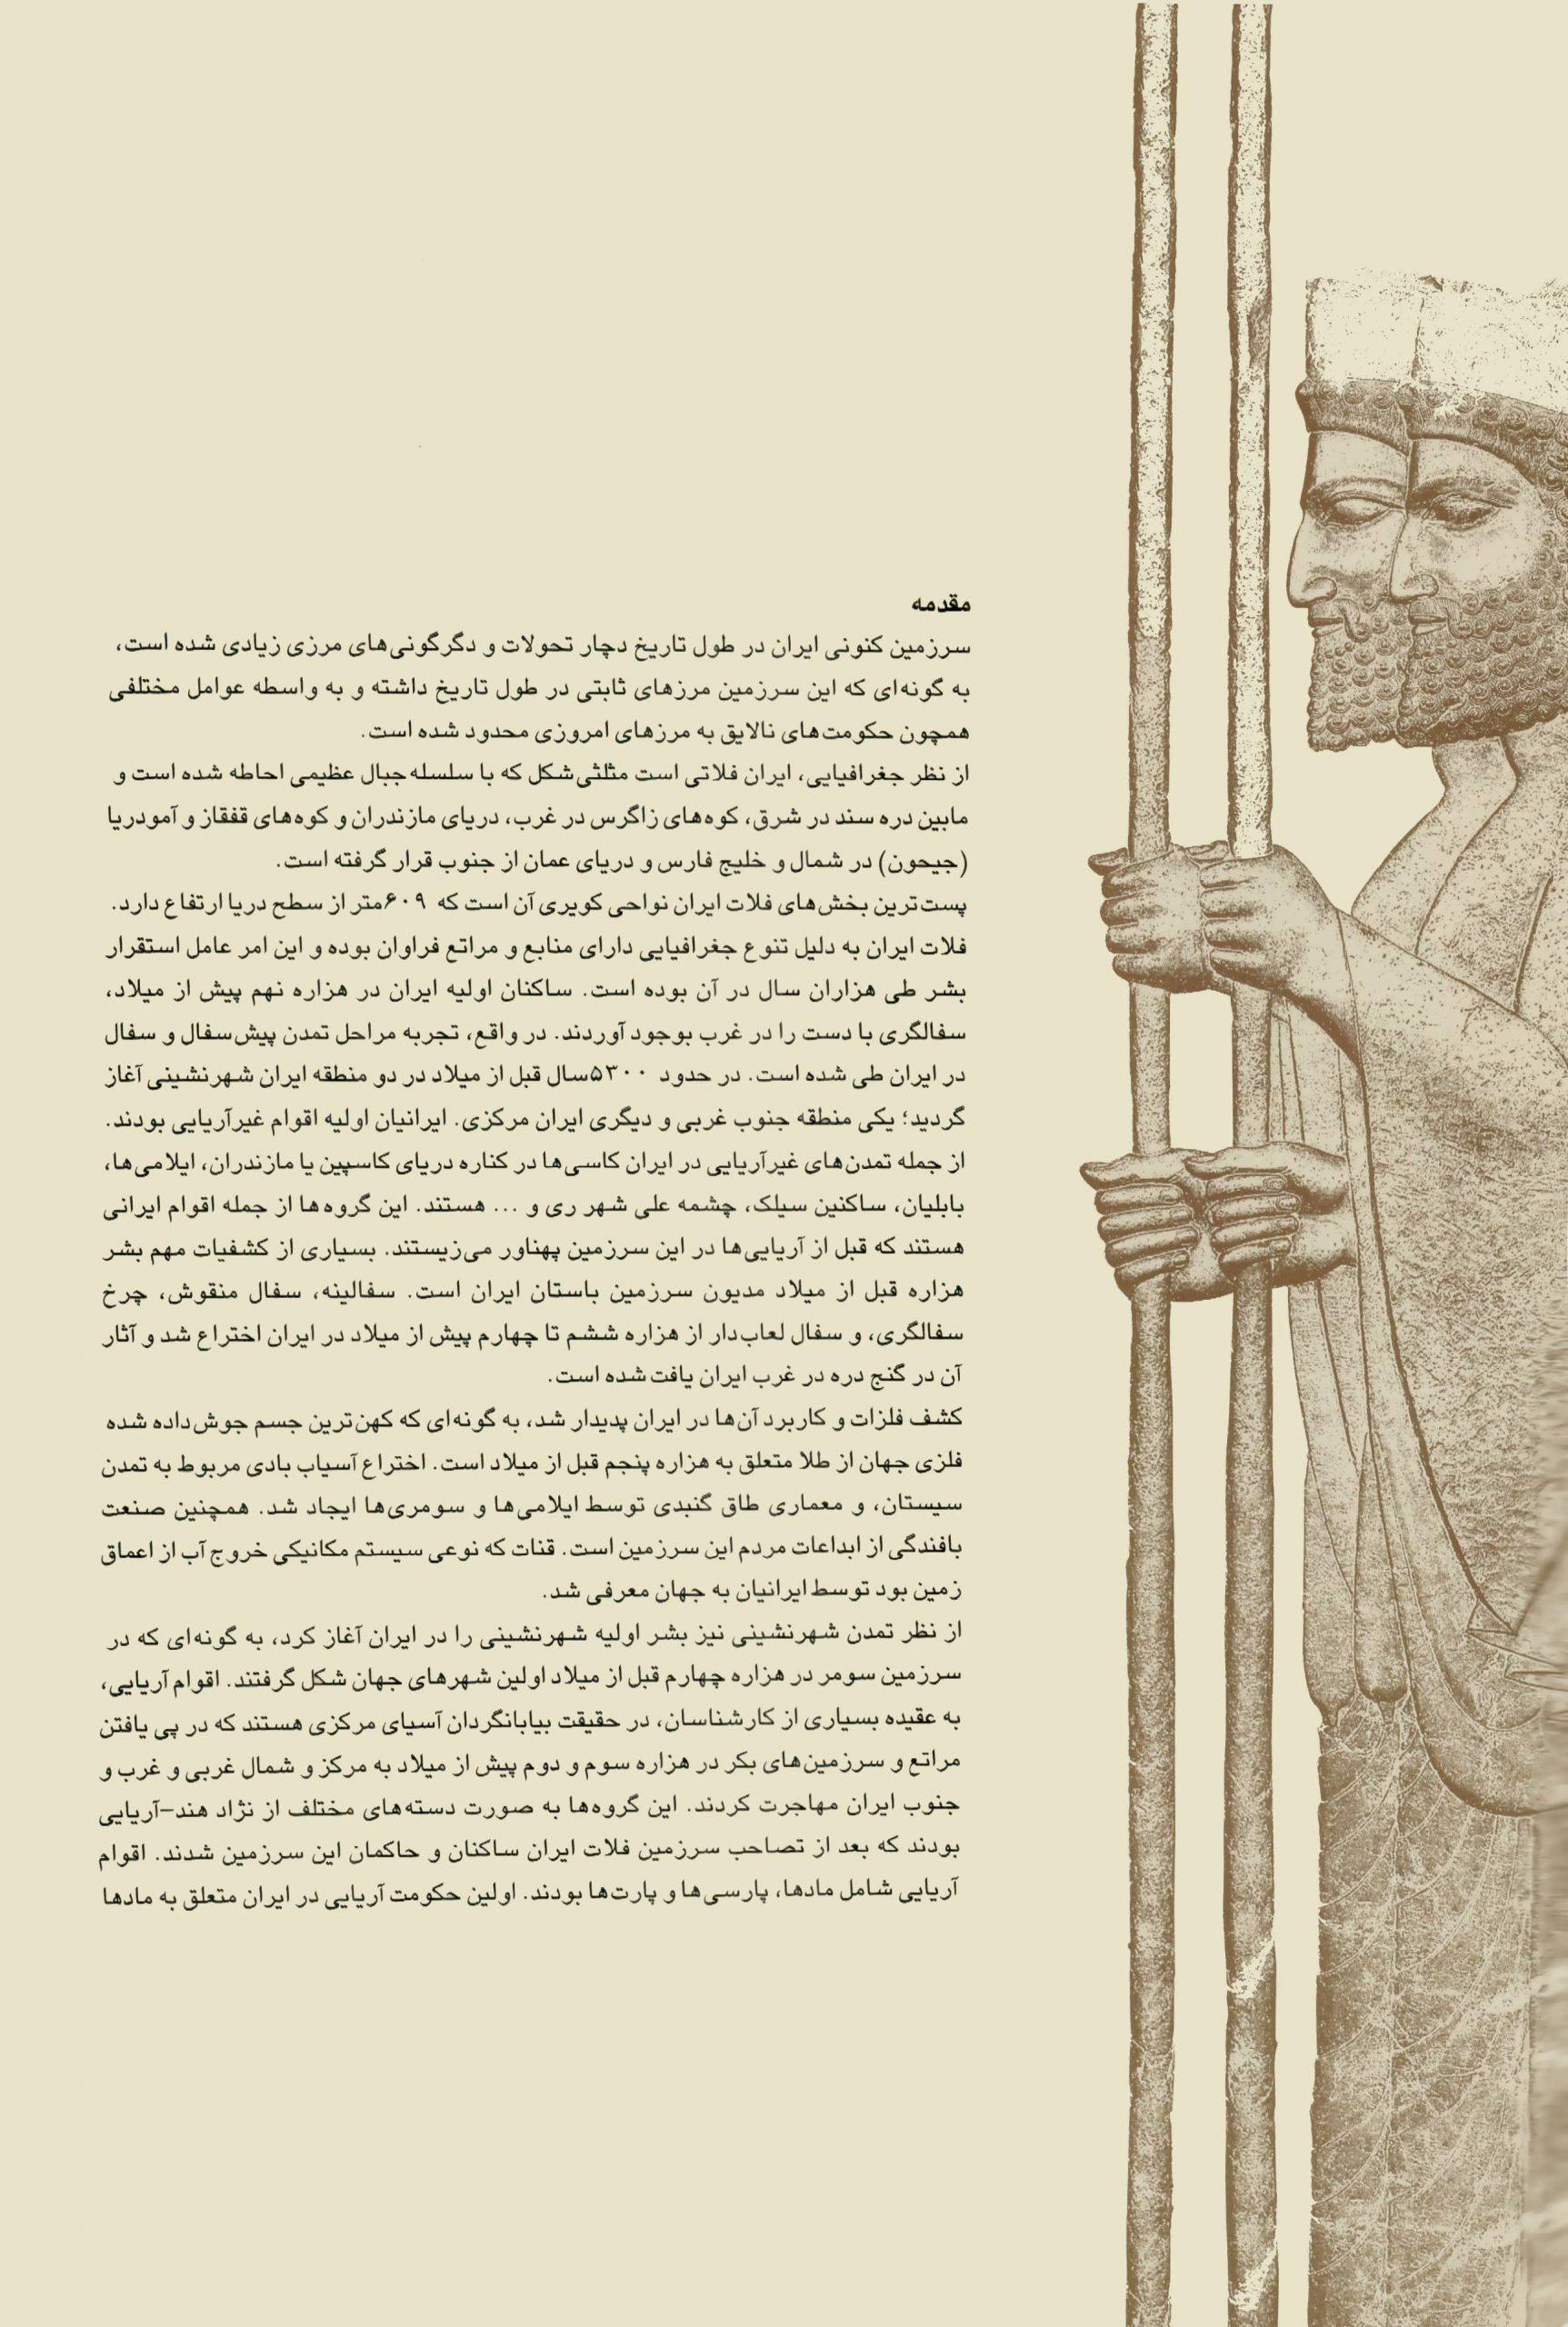 ایران گهواره تمدن (2زبانه،گلاسه،باقاب)